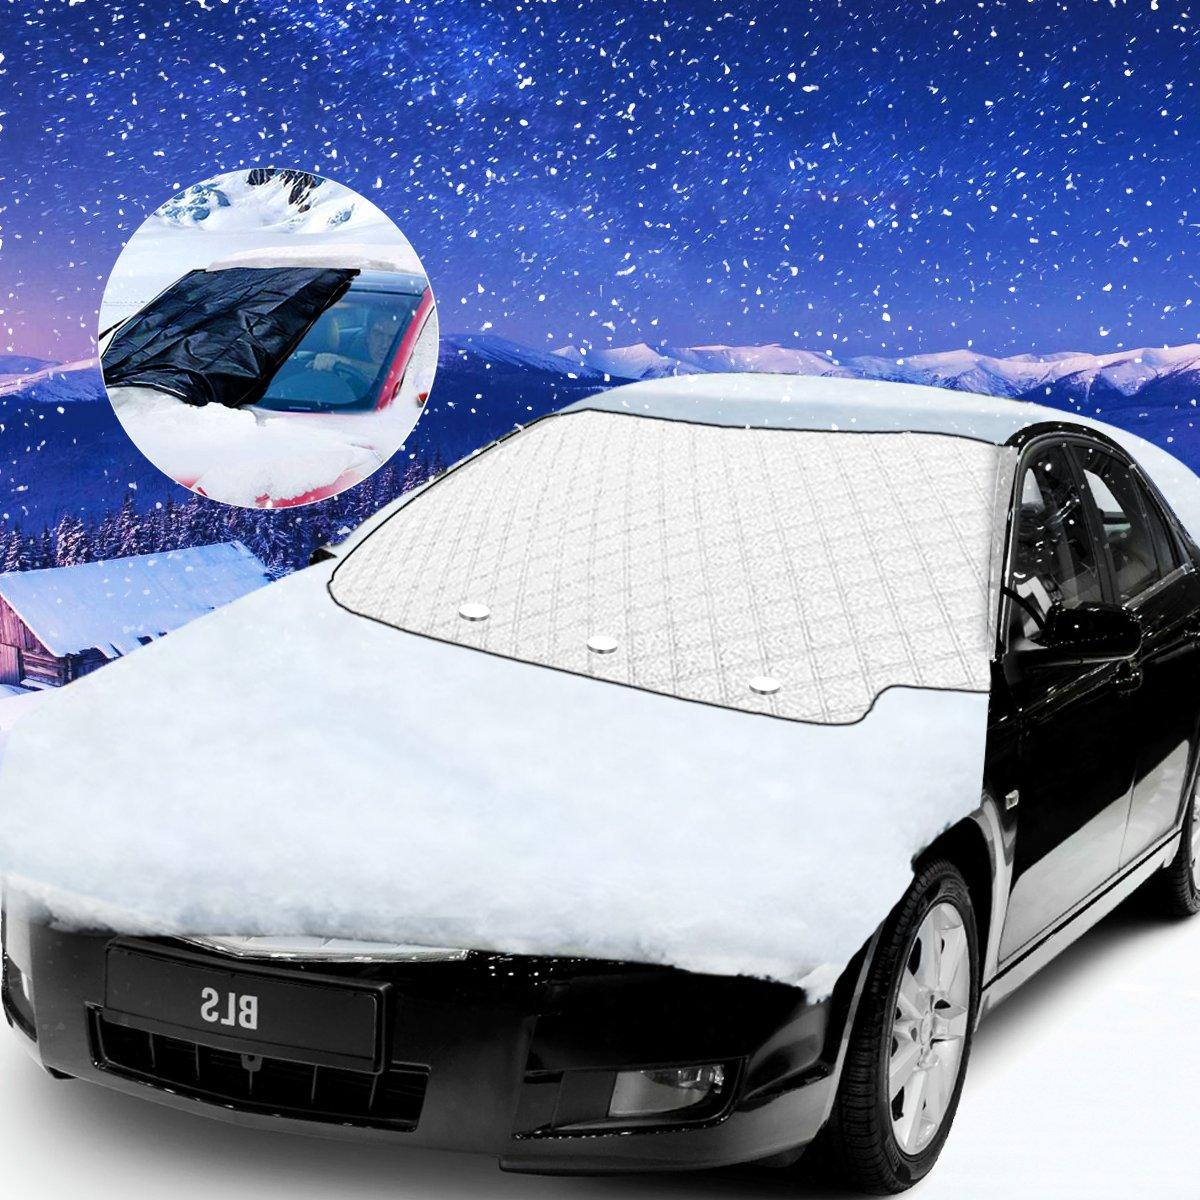 Protector de Parabrisas, Bigmeda Cubierta del Parabrisas Parasol de Coche Protector de Parabrisas Contra el Hielo de la Escarcha de Nieve car Carro del Coche SUV Parabrisas Delanteras Windshiled